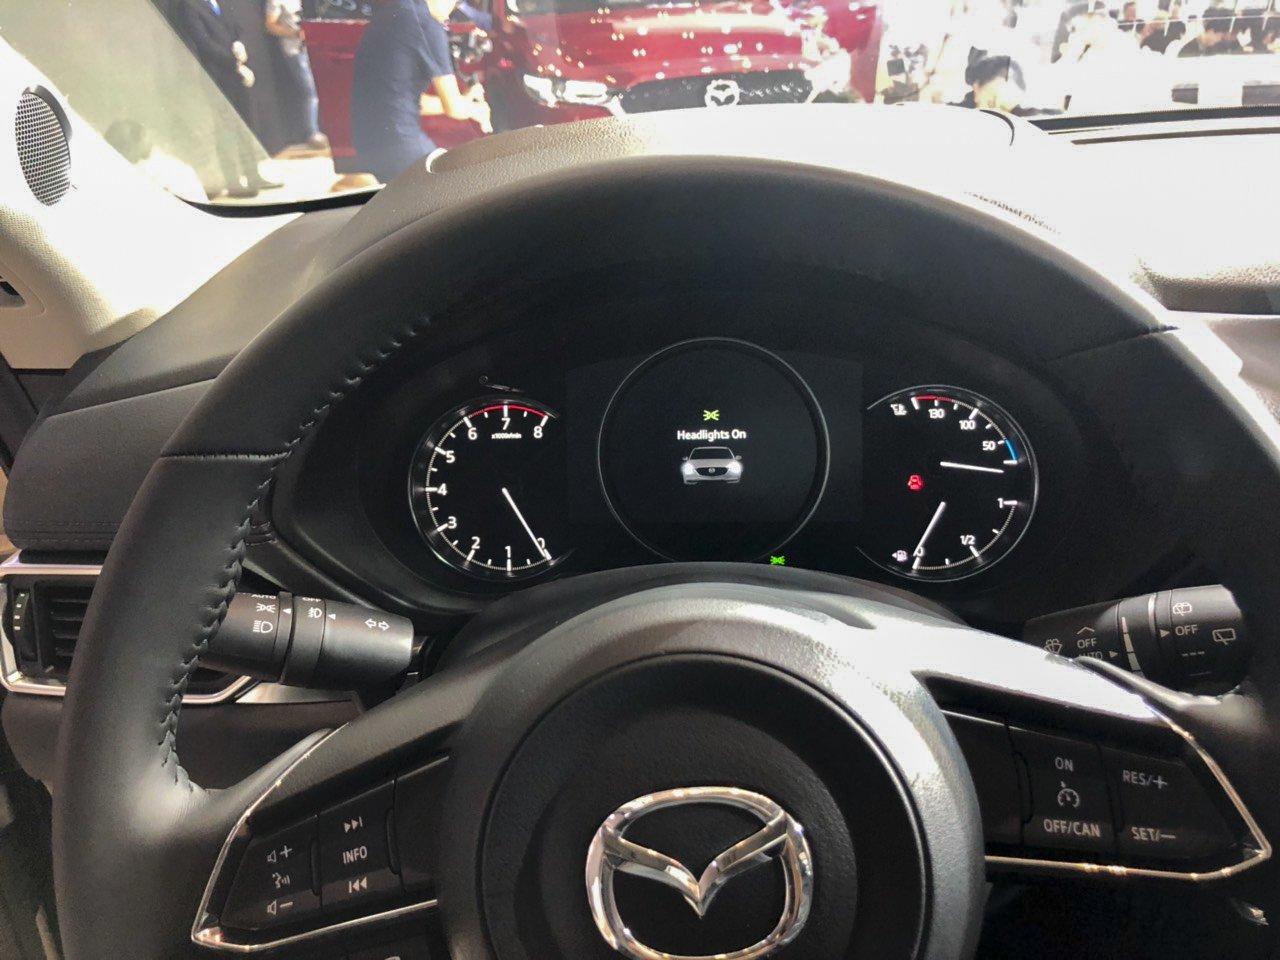 Đánh giá xe Mazda CX-5 2019: Bảng đồng hồ mới hoàn toàn.